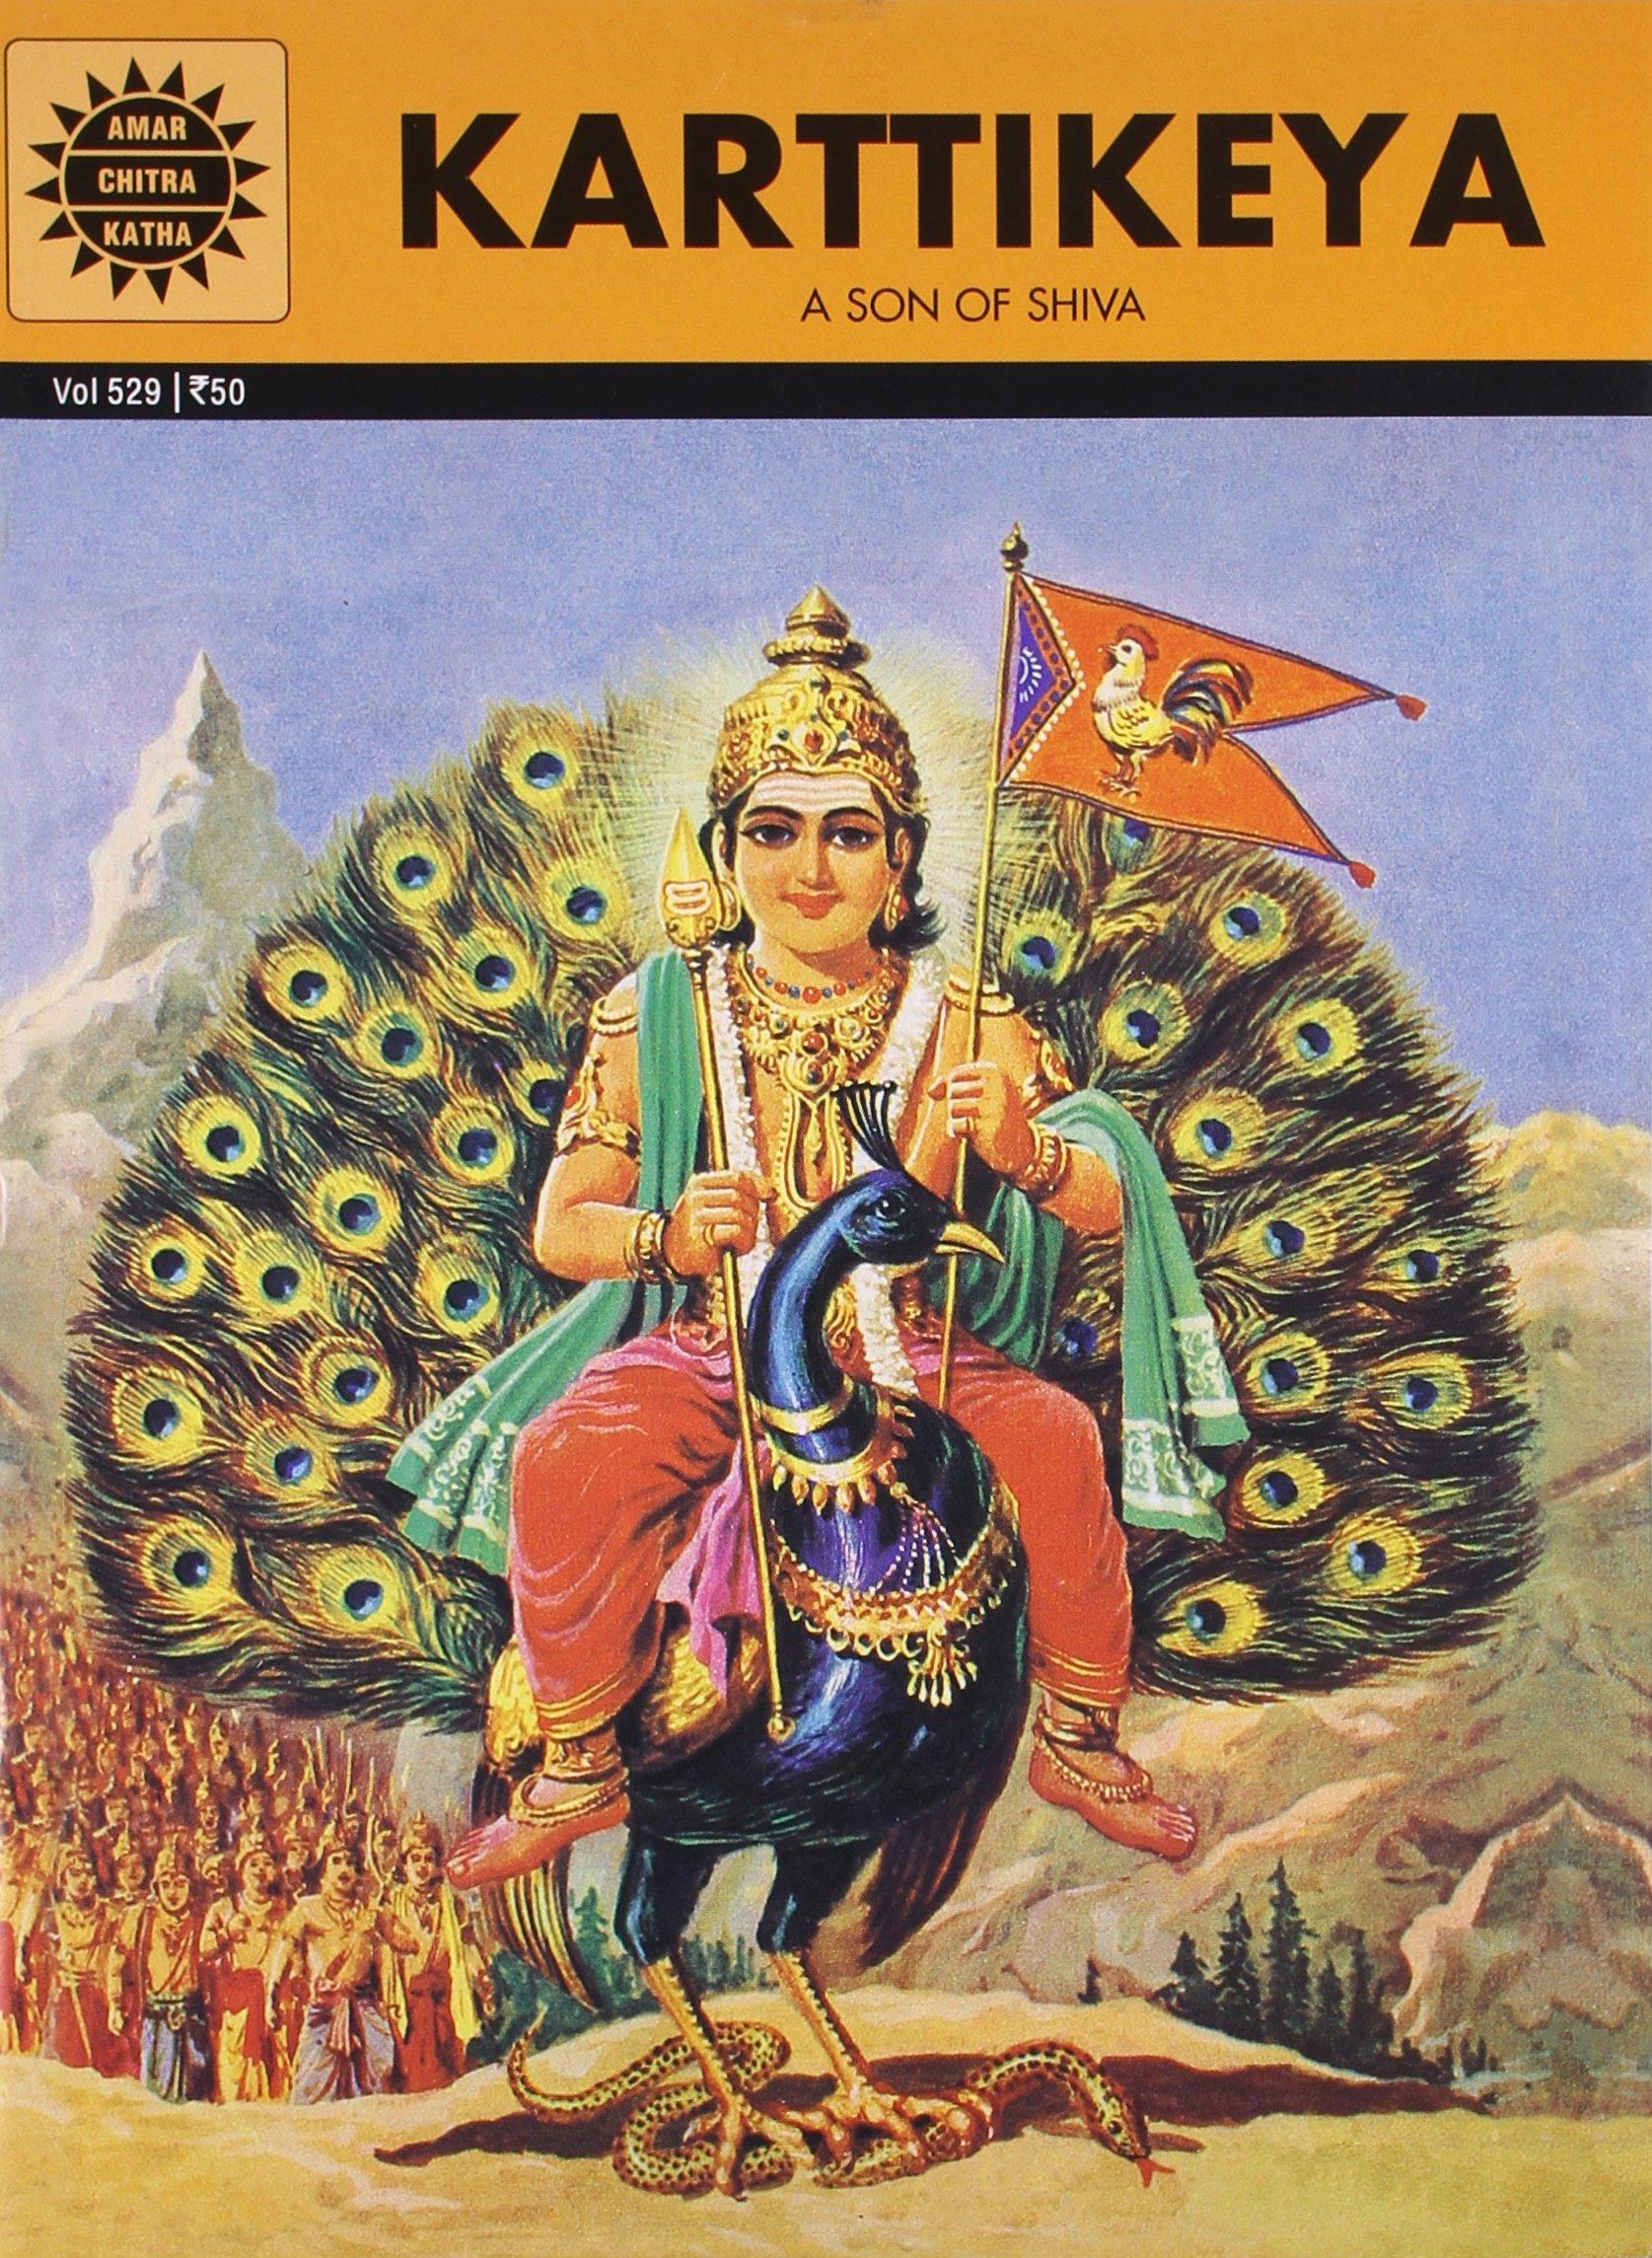 Buy Karttikeya (Amar Chitra Katha) Book Online at Low Prices